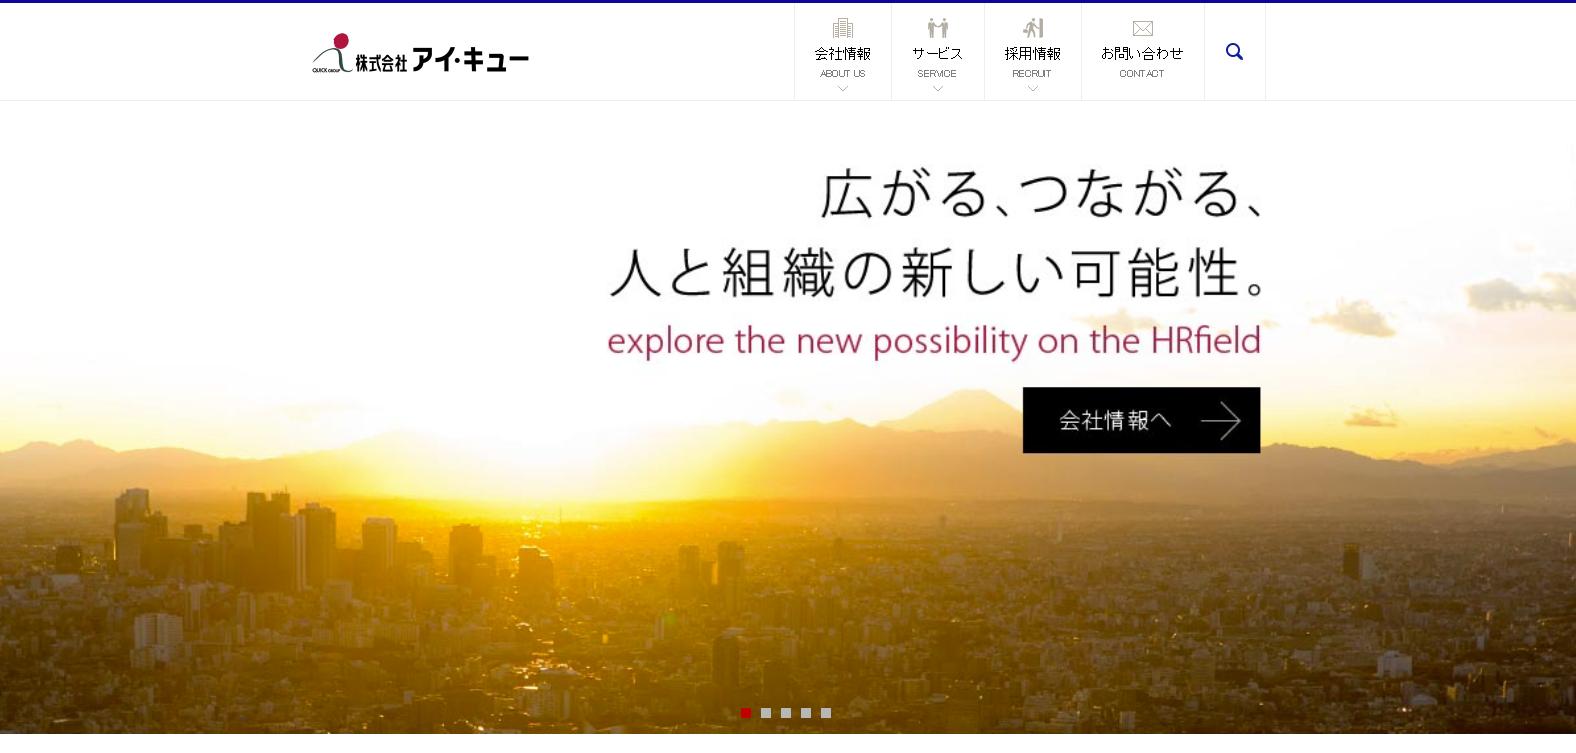 「日本の人事部」のアイ・キュー、社名を「株式会社HRビジョン」に変更